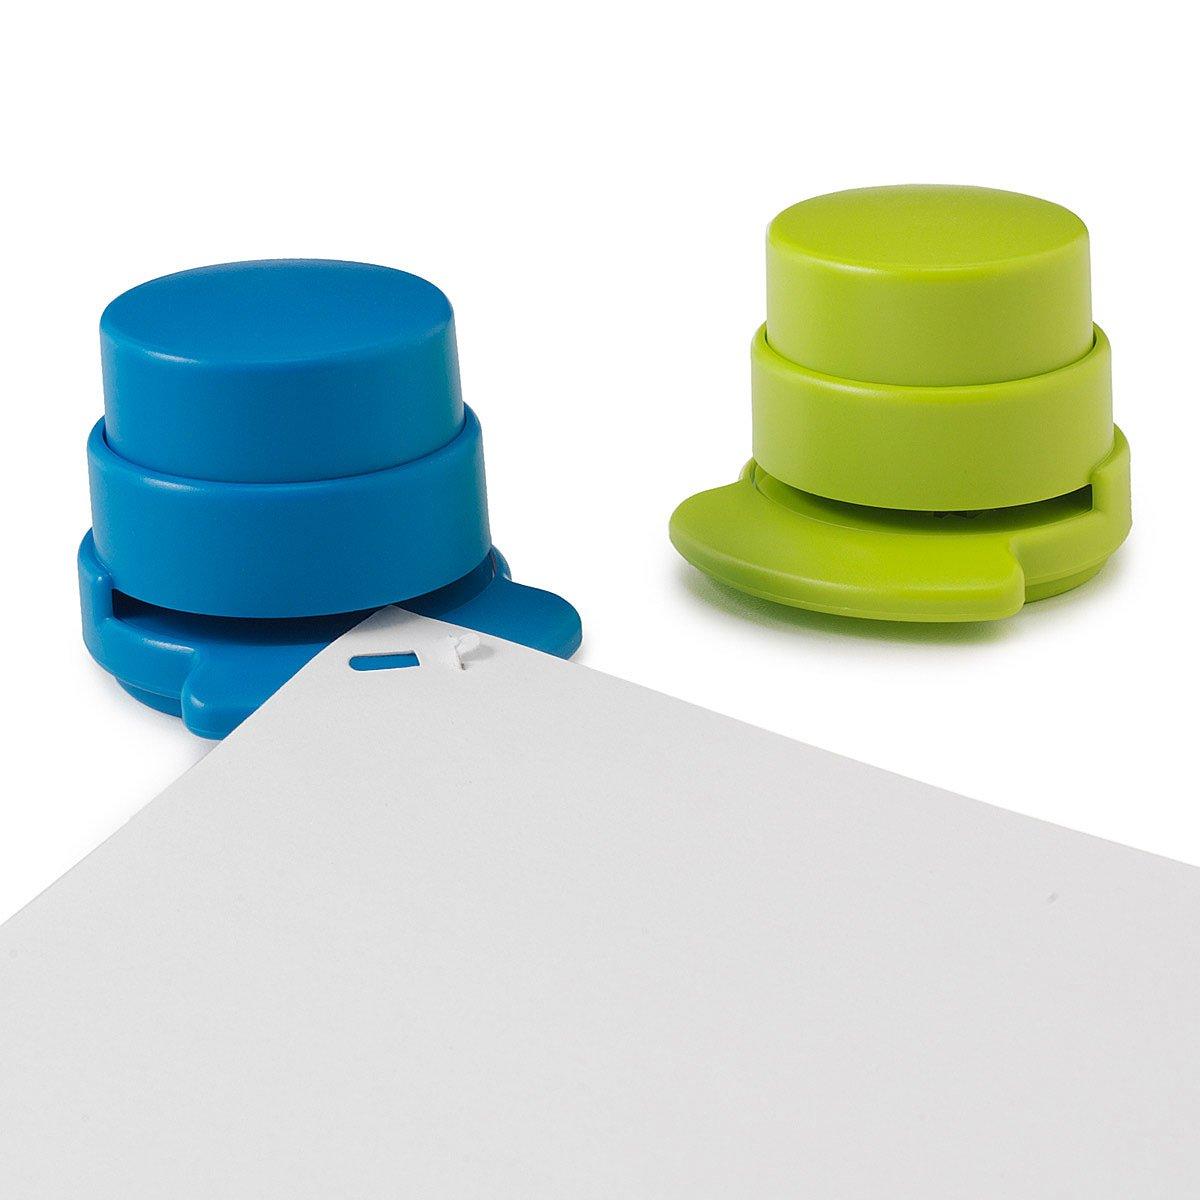 Staple Less Staplers Set Of 2 Staple Free Stapler No Staple